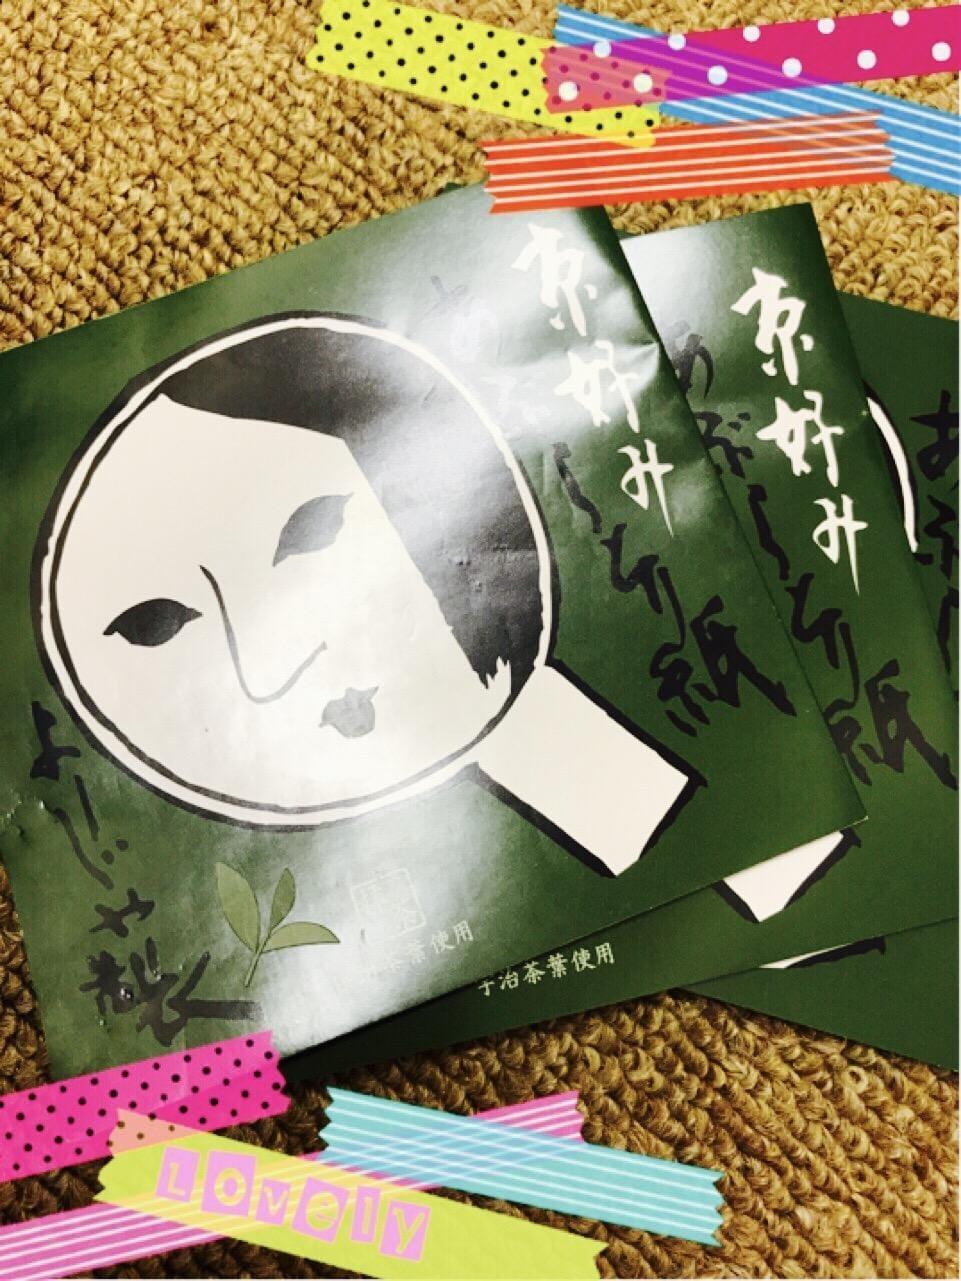 「よーじやといえば( ^ω^ )」03/26(火) 00:20 | 大塚 ゆみこの写メ・風俗動画